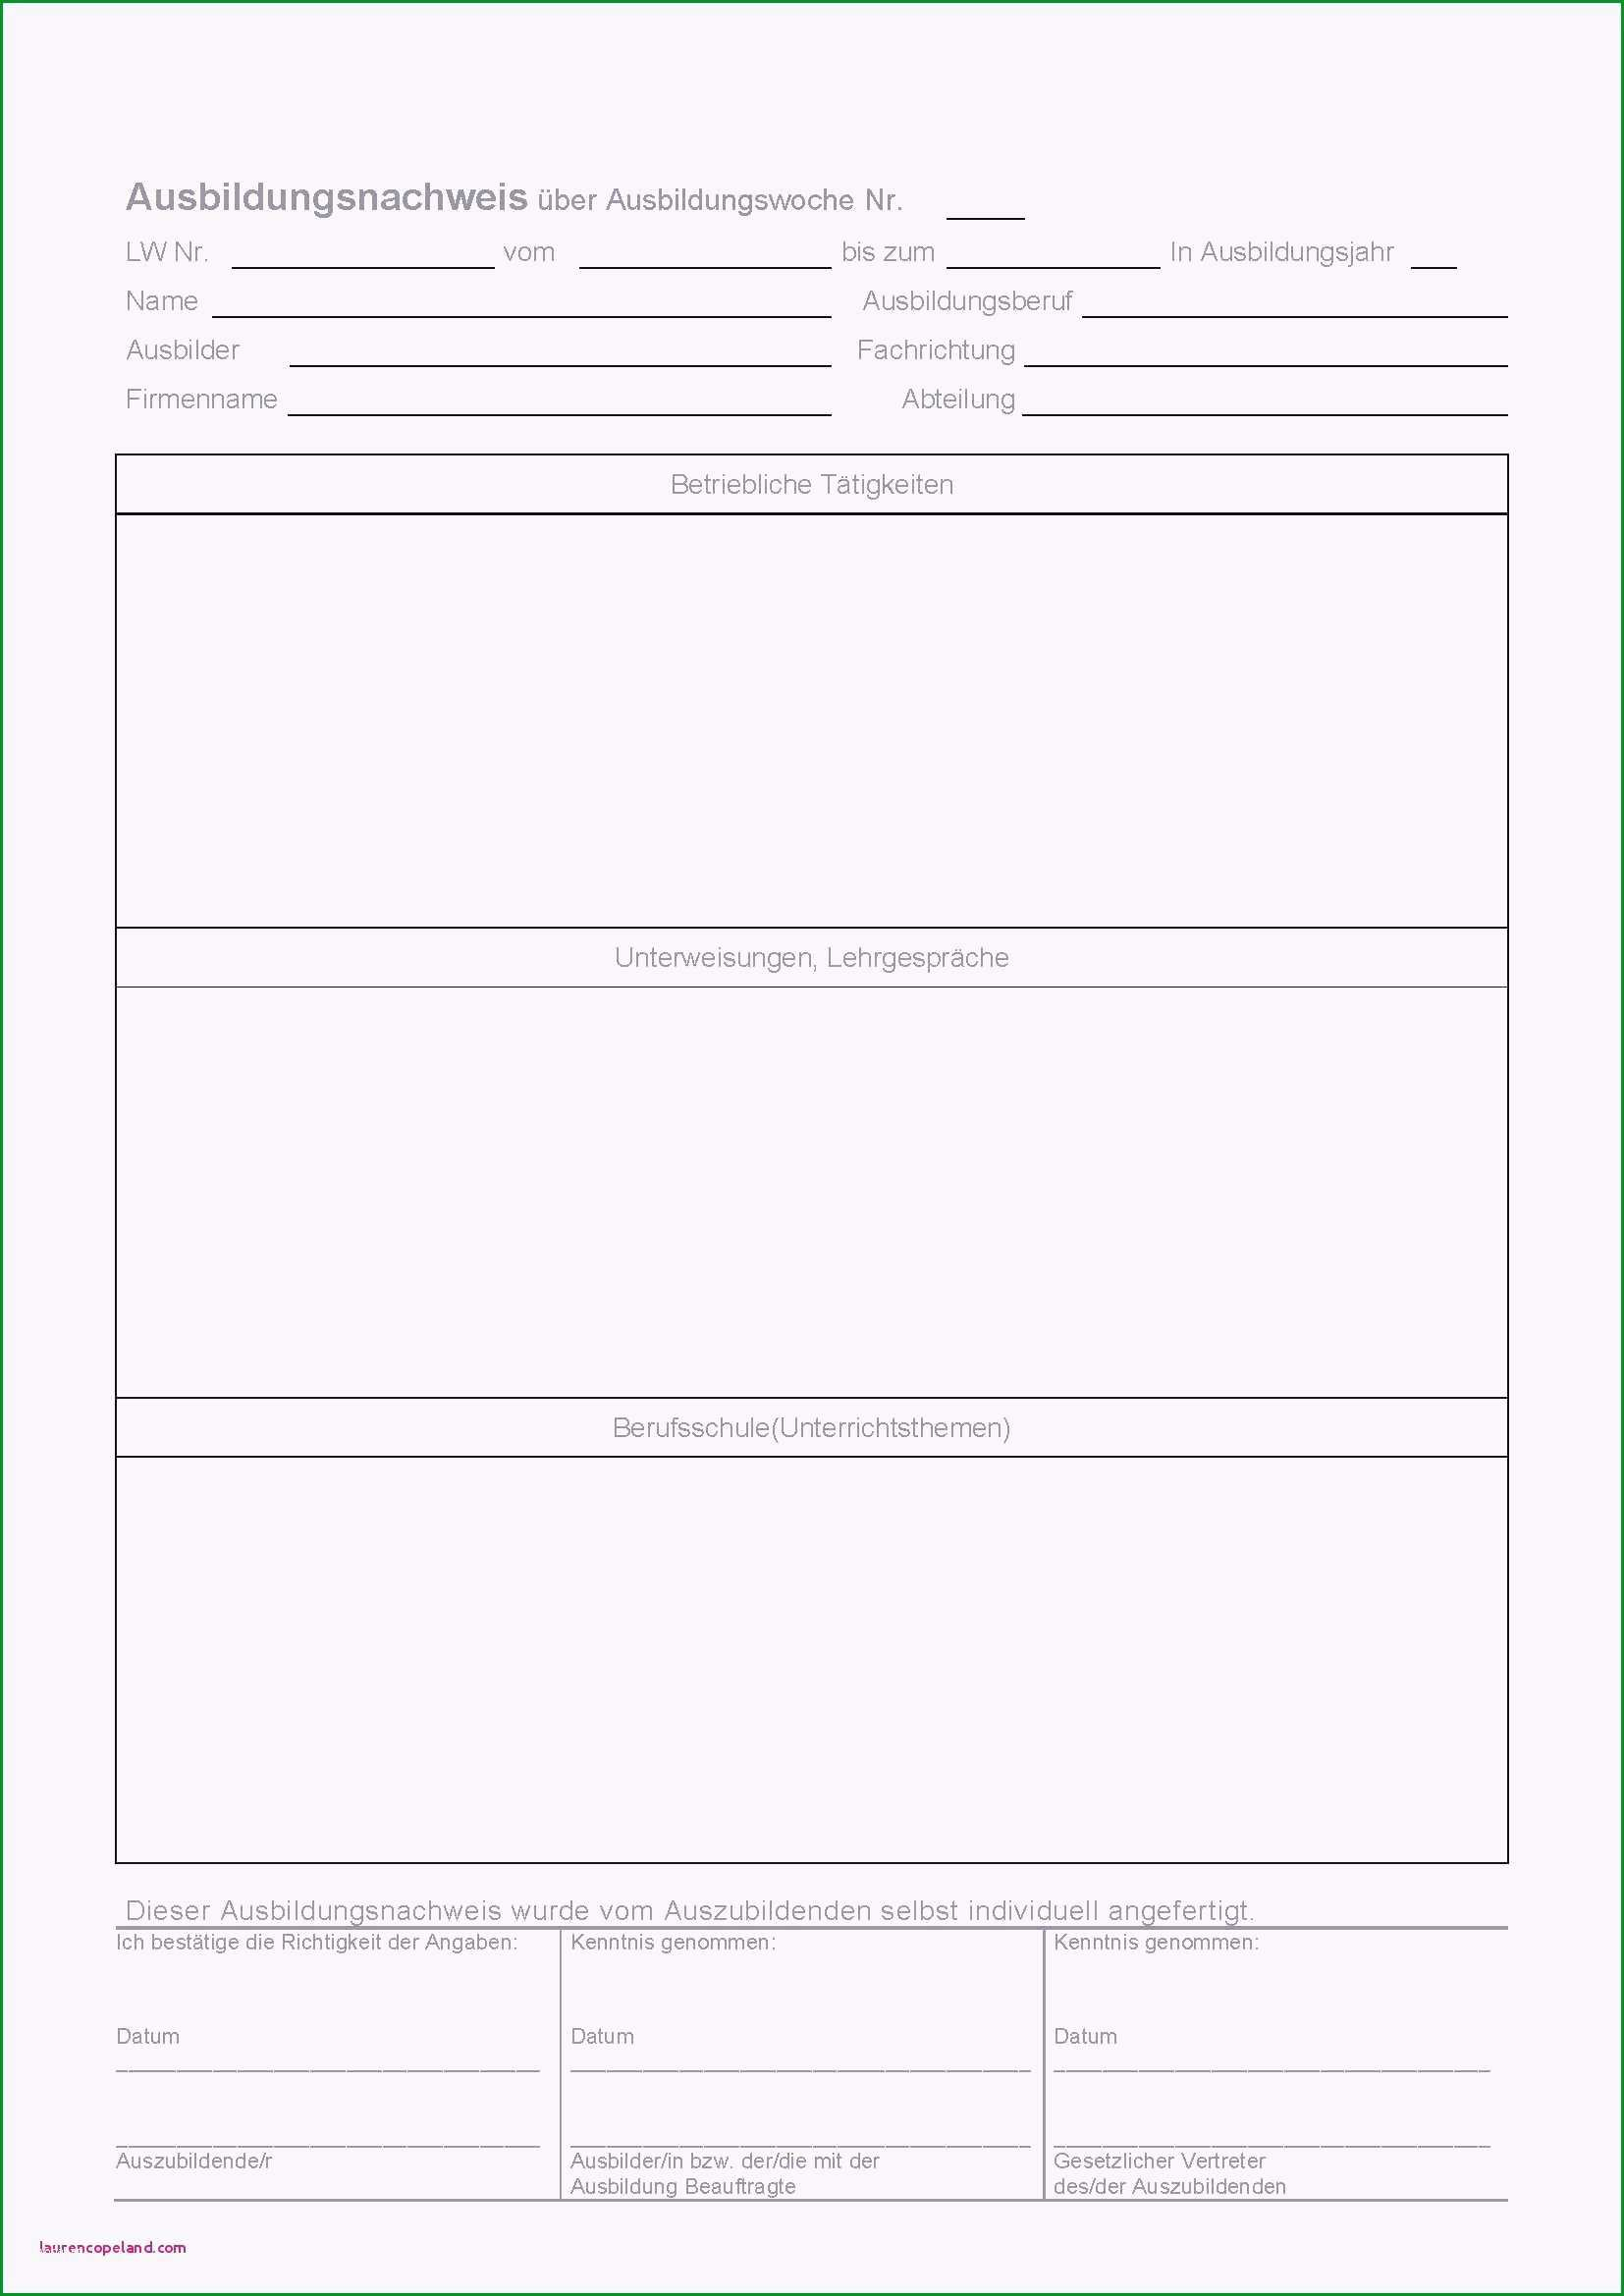 berichtsheft vorlage wochenbericht bescheidener wochenbericht vertrieb vorlage groartig praktikum berichtsheft